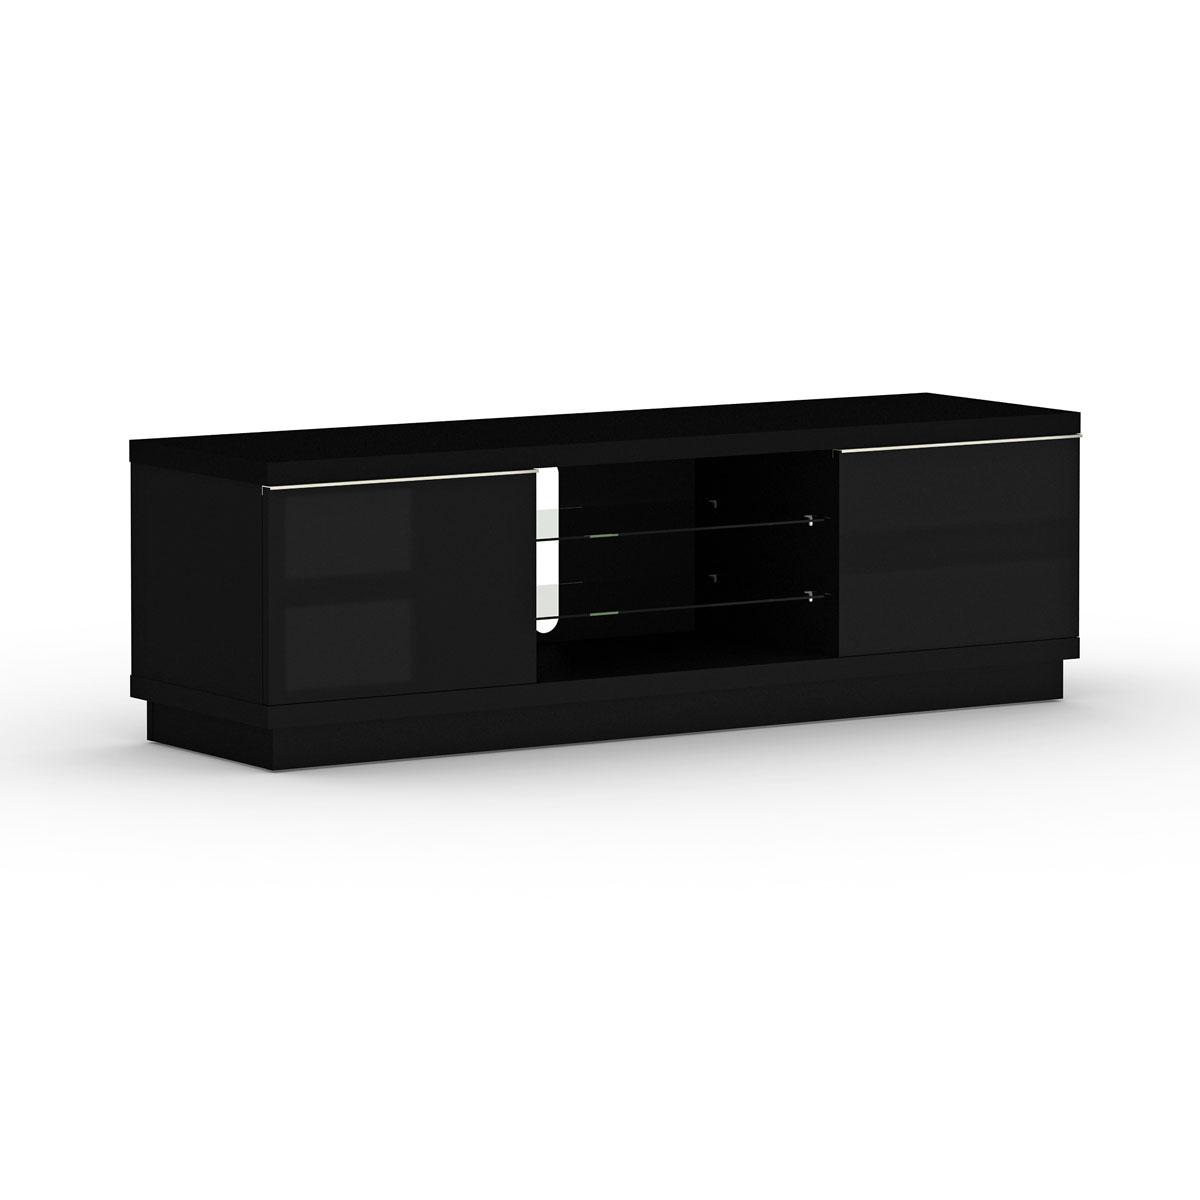 Elmob harmony ha 160 01 noir meuble tv elmob sur - Formulaire poi loueur meuble non professionnel ...